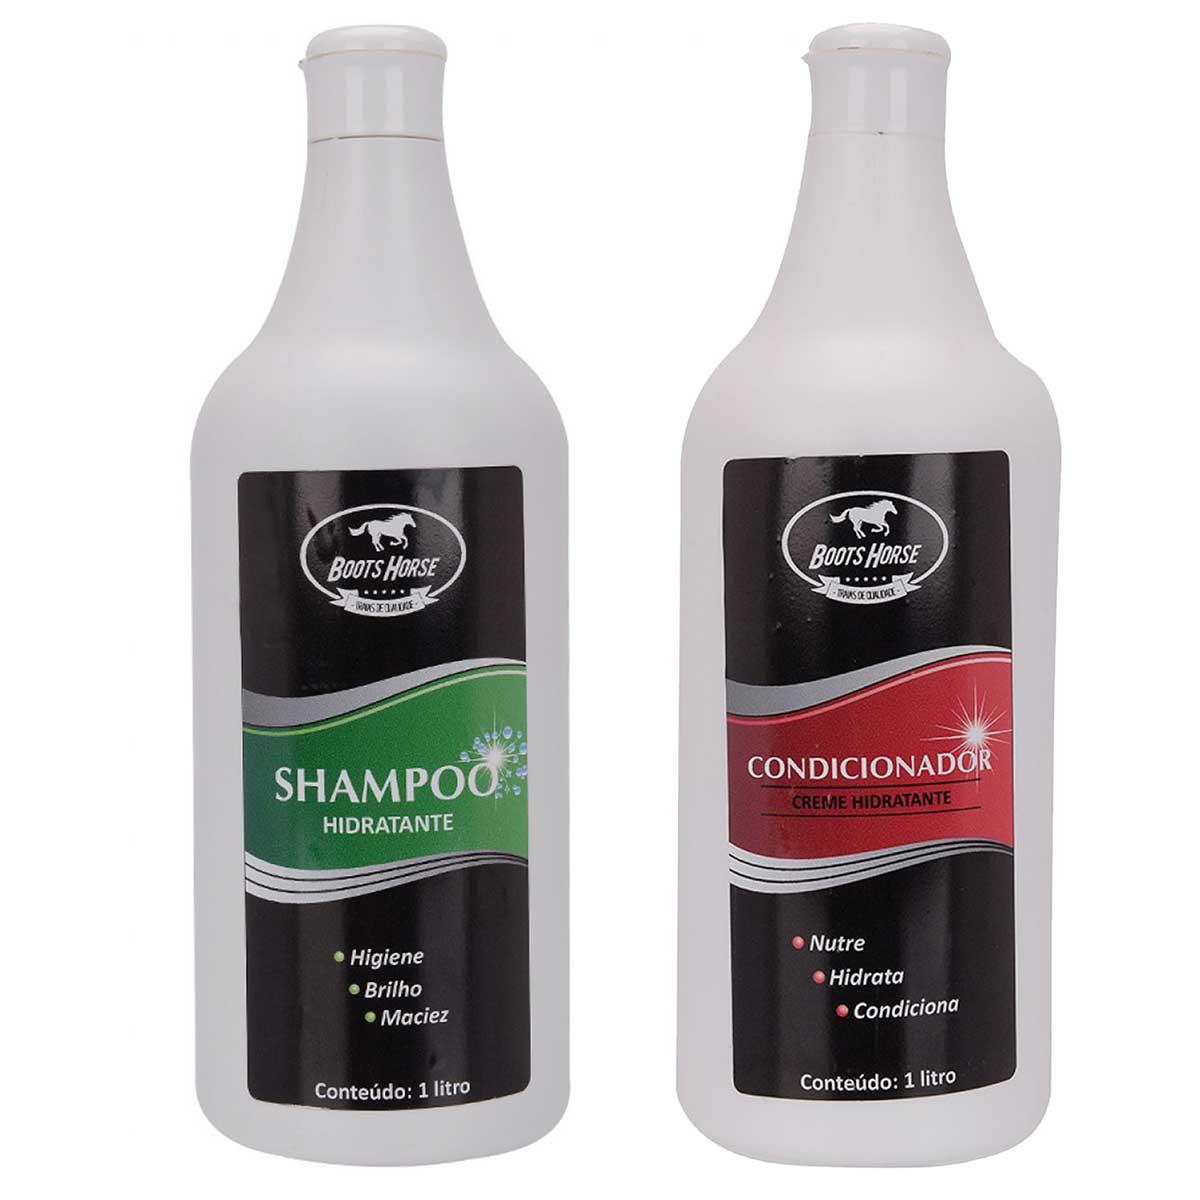 Kit Shampoo E Condicionador Boots Horse Para Crina De Cavalo